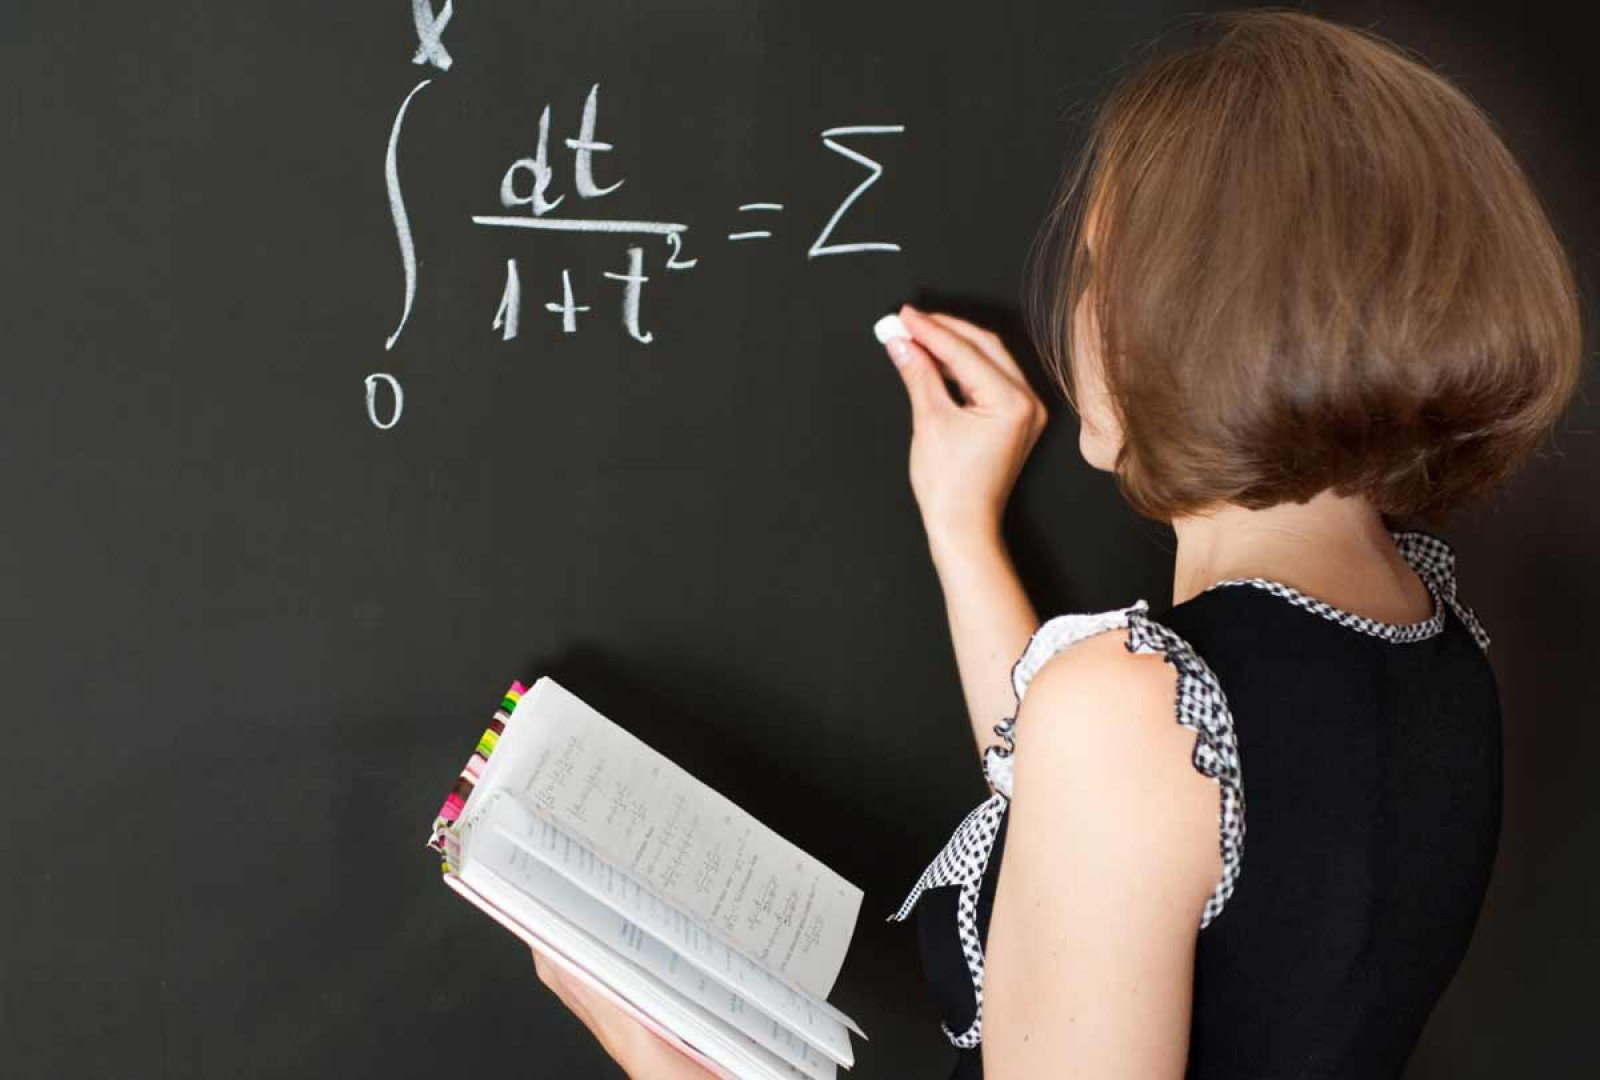 Зарплаты учителям и жилищные сертификаты. На что потратят 43 миллиарда тенге в Астане